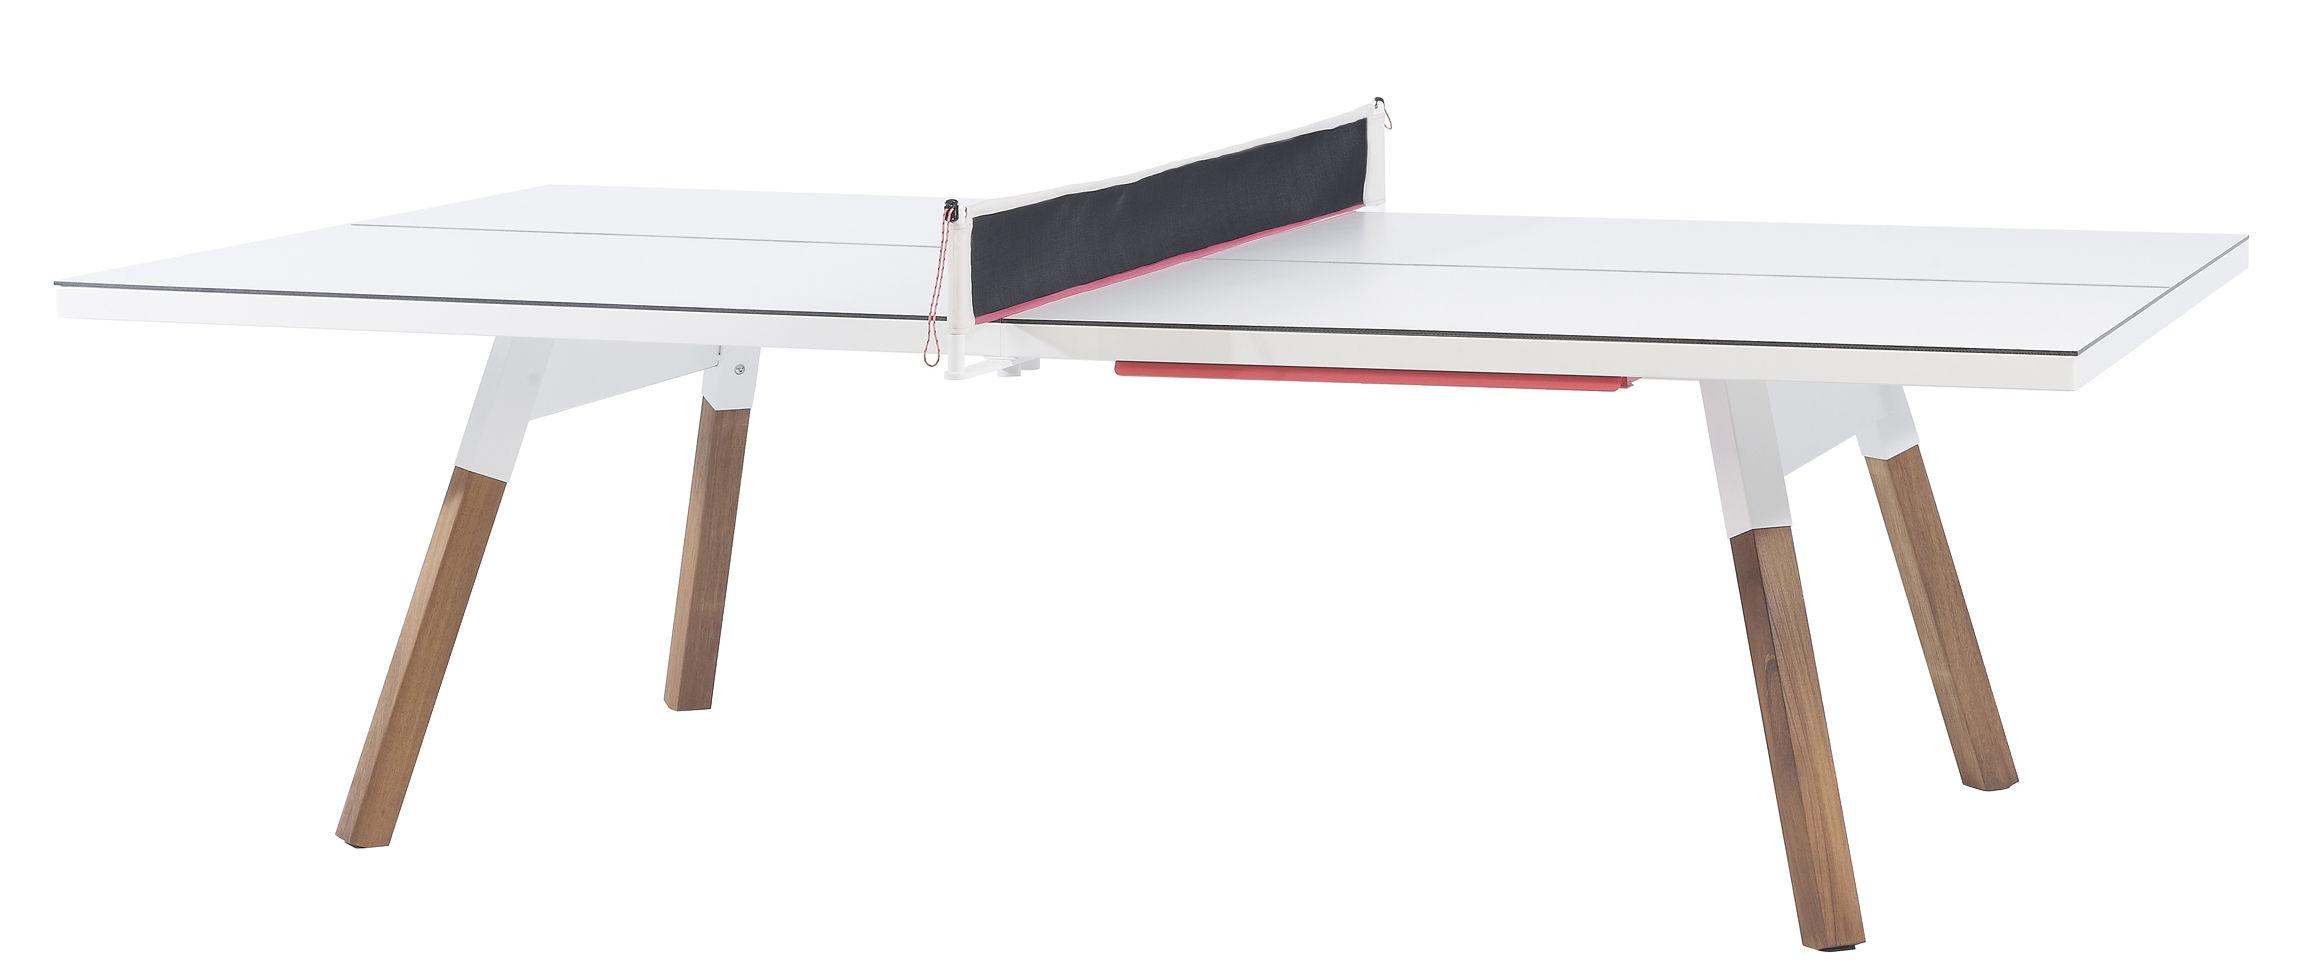 table you and me l 274 cm table de ping pong de repas blanc pieds bois rs barcelona. Black Bedroom Furniture Sets. Home Design Ideas